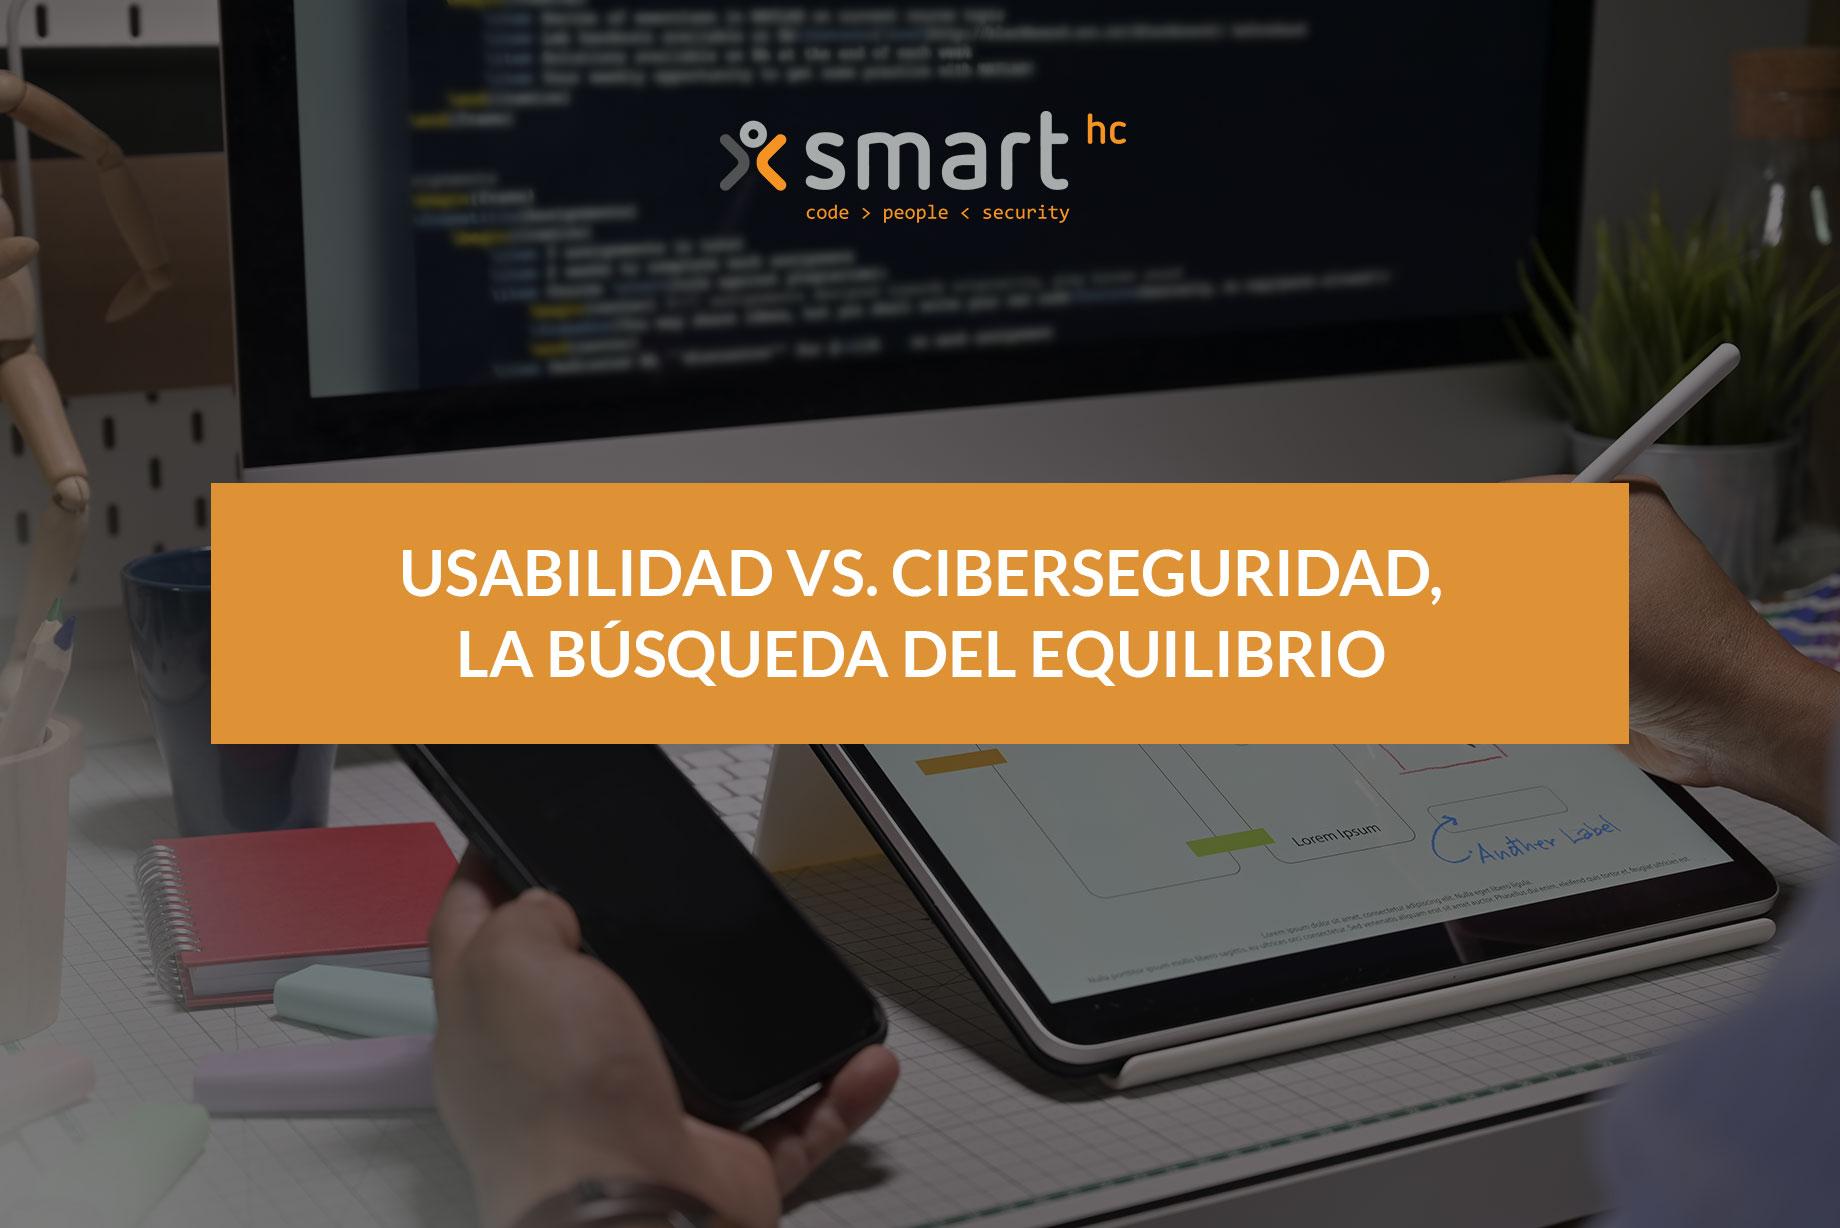 SHC_Usabilidad_Ciberseguridad1